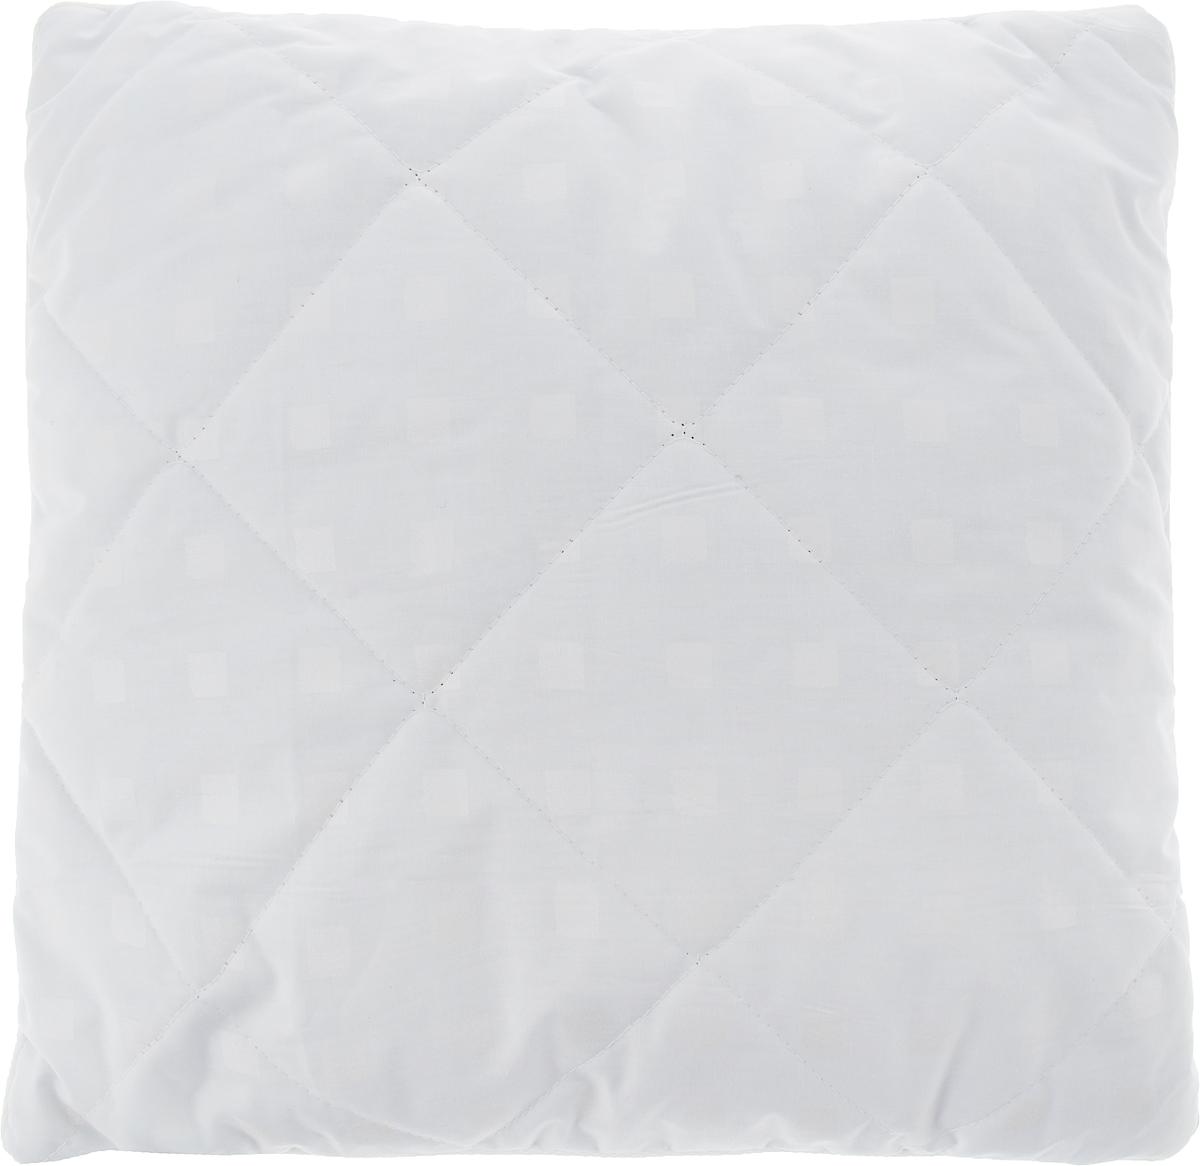 Подушка Bio-Teхtiles Сила природы, наполнитель: лузга гречихи, цвет: белый, 40 х 40 см bio textiles подушка детская малышка наполнитель лузга гречихи цвет голубой 40 х 60 см m032